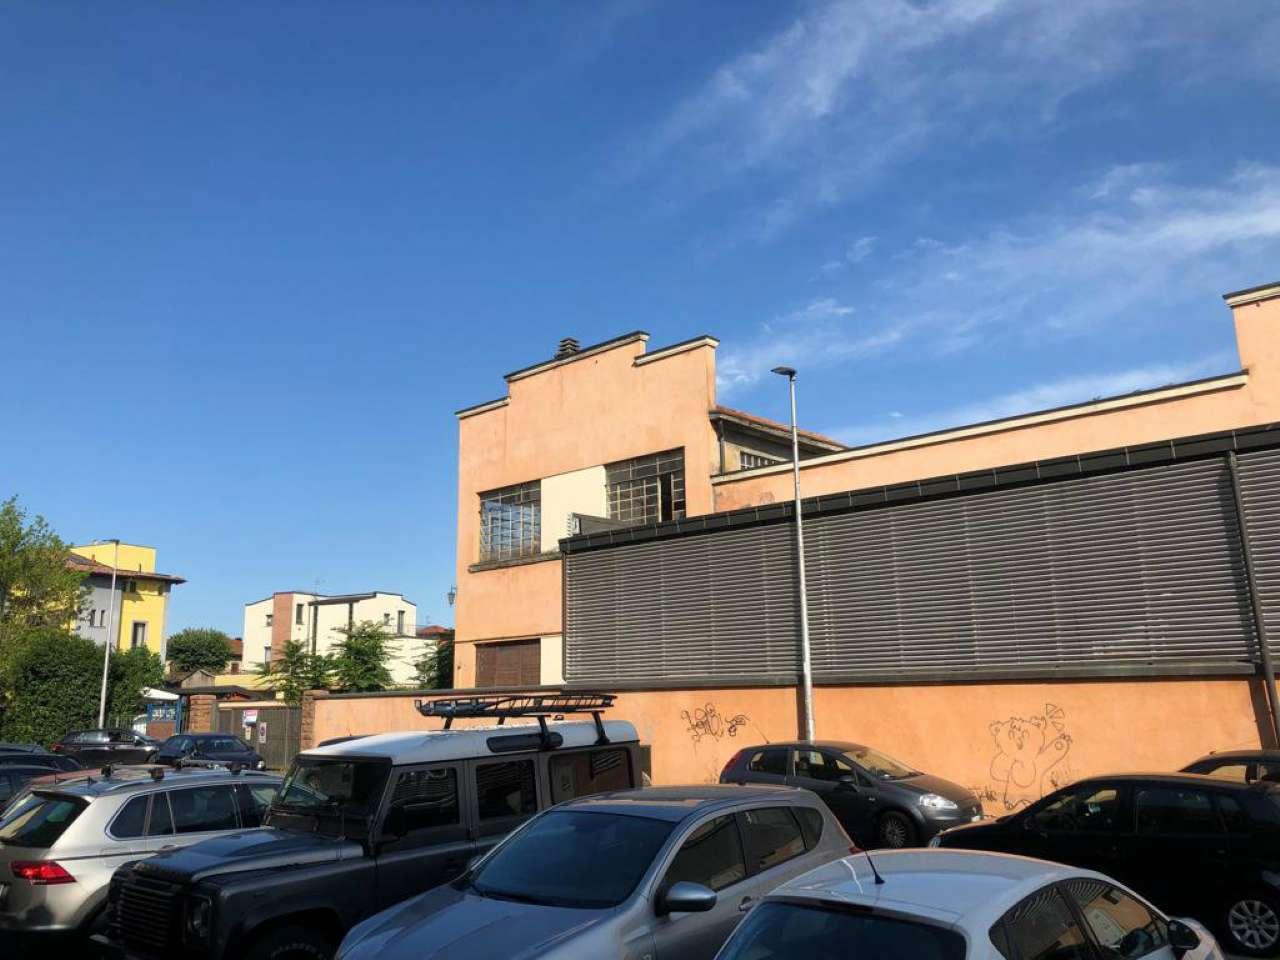 Capannone in vendita a Varese, 9999 locali, prezzo € 420.000 | PortaleAgenzieImmobiliari.it